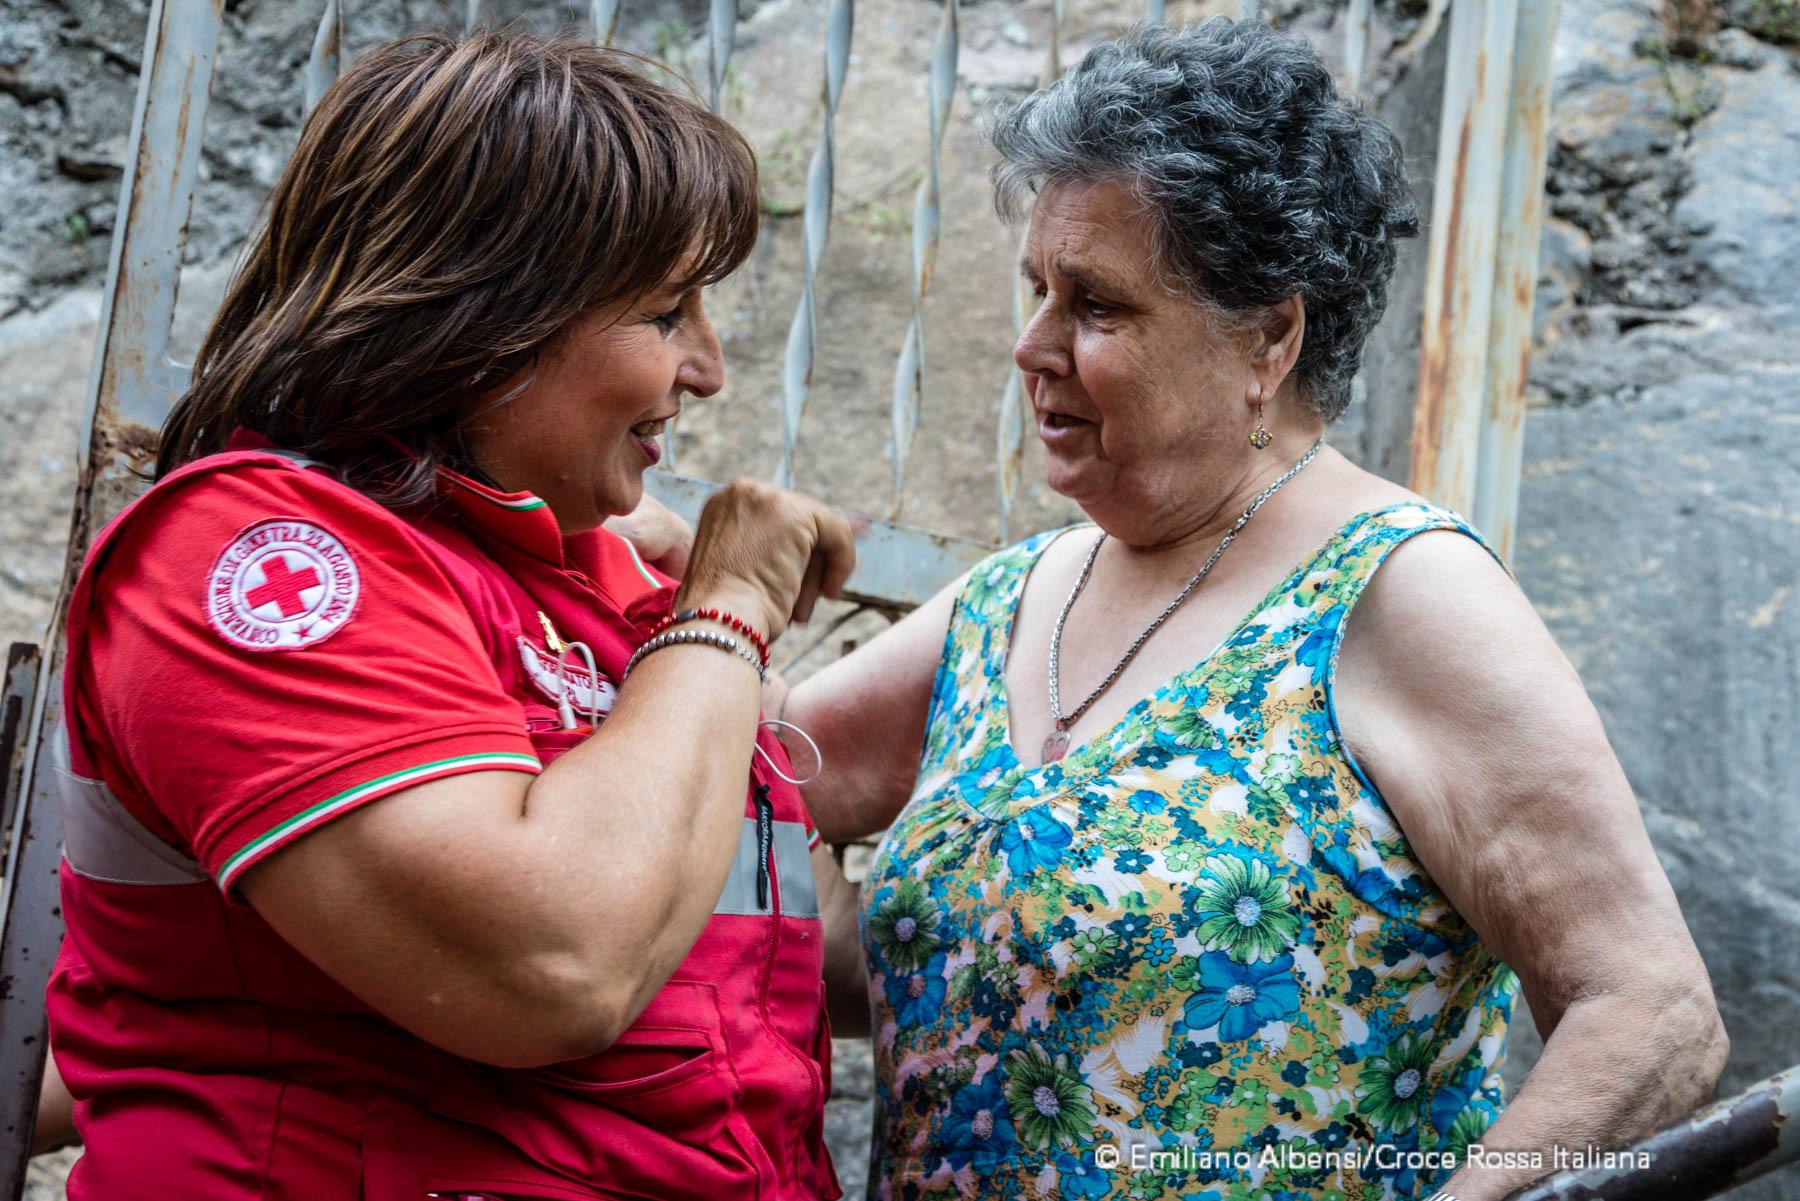 """Giornata Internazionale Persone Anziane, Fioroni: """"Costruiamo ponti per combattere l'esclusione sociale e unire le generazioni"""""""